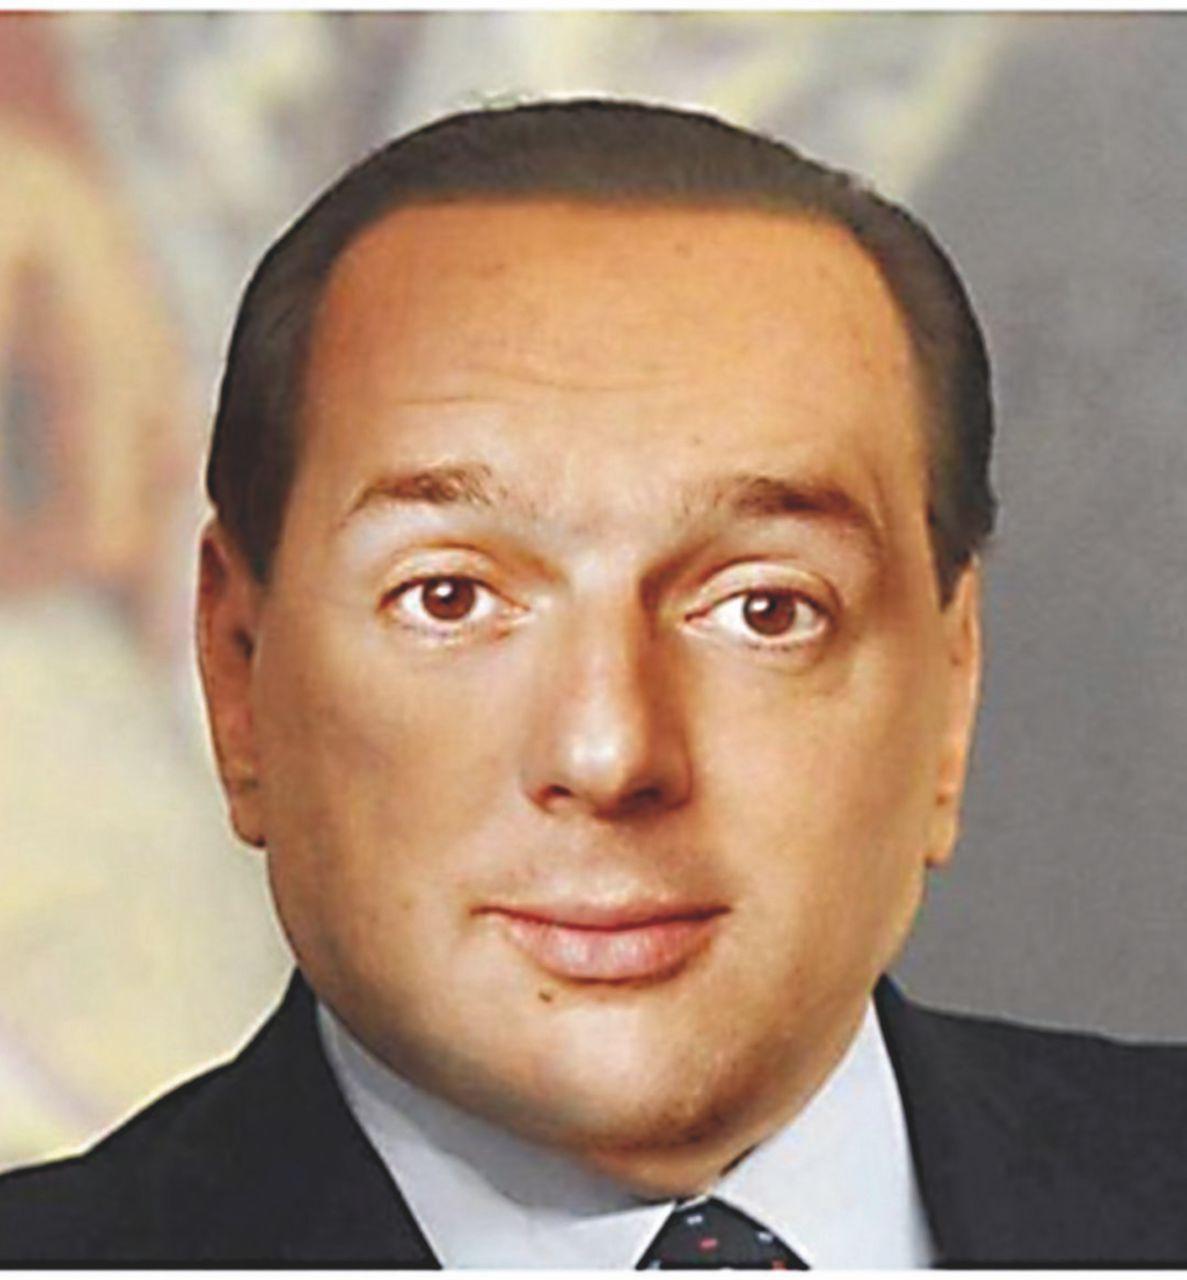 In Edicola sul Fatto del 10 luglio: l'ex premier che benedisse la lettera Bce ora vuole rottamare le regole Ue